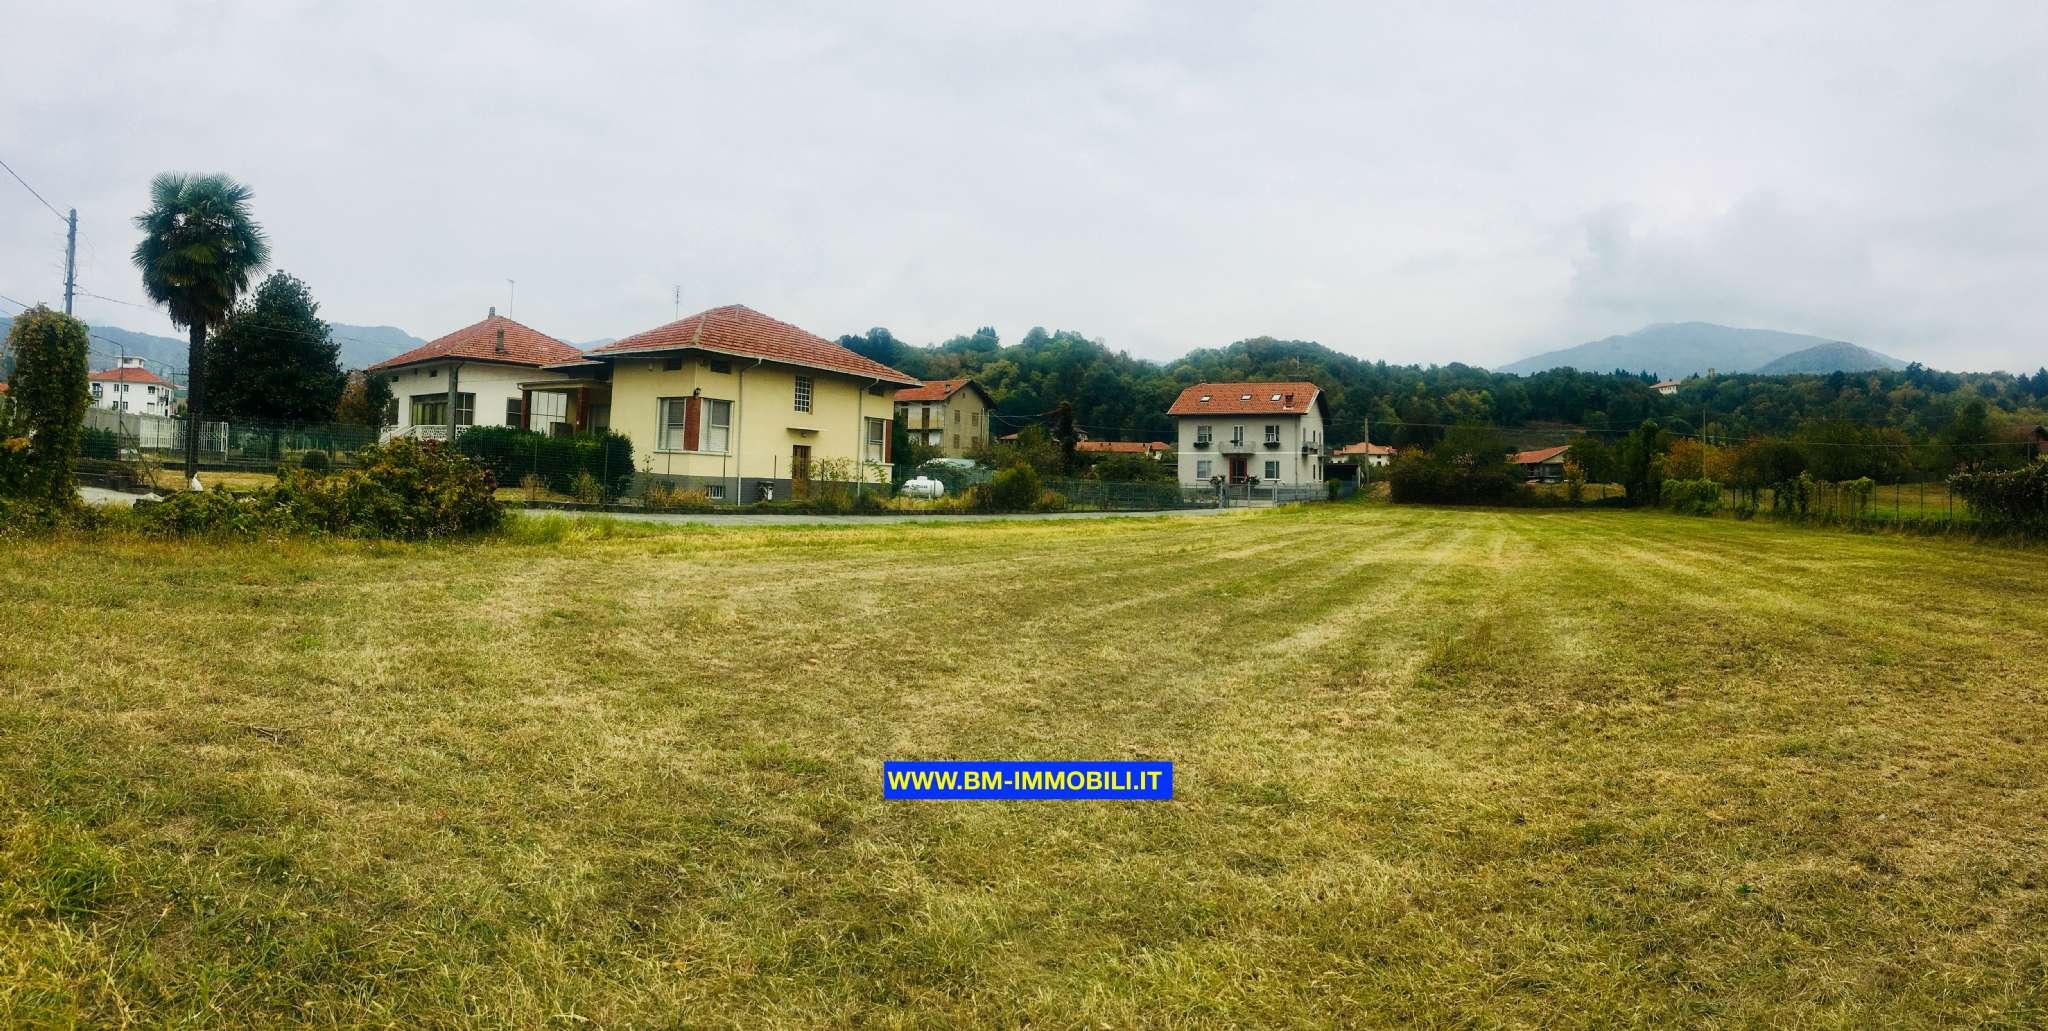 Terreno Edificabile Residenziale in vendita a Lanzo Torinese, 9999 locali, prezzo € 160.000   CambioCasa.it